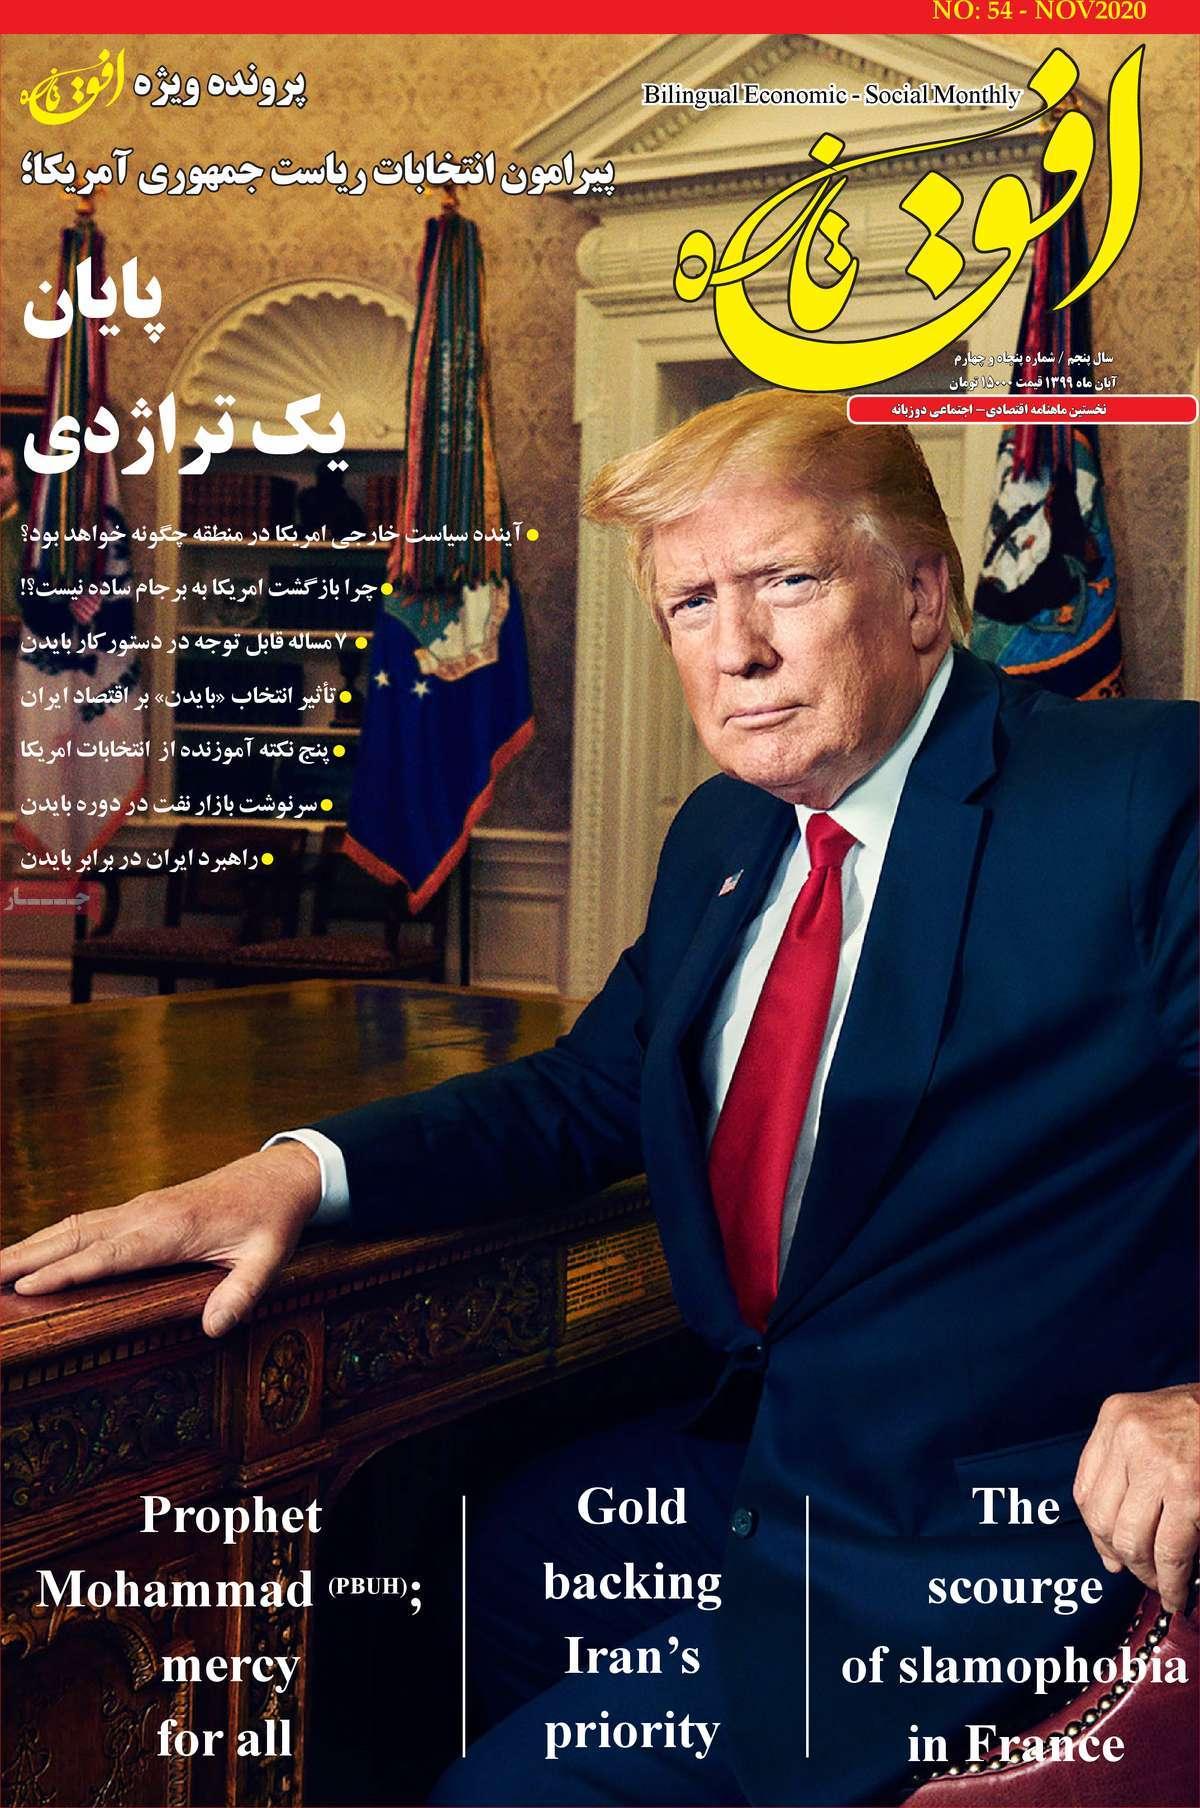 صفحه نخست مجله افق تازه - چهارشنبه, ۲۸ آبان ۱۳۹۹